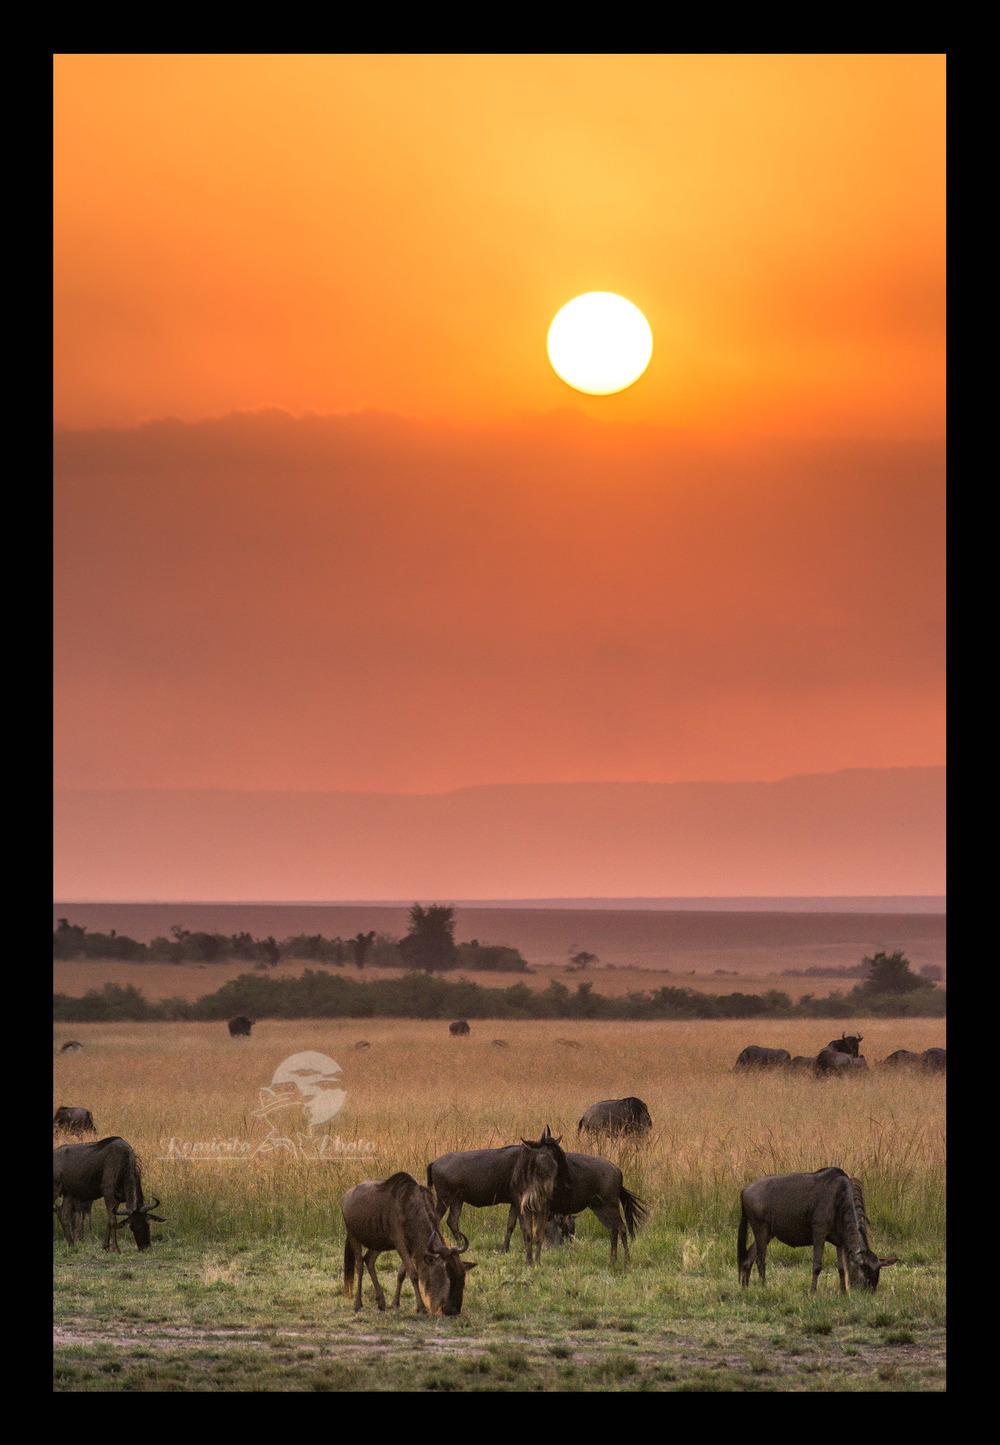 remicito photo 25-07-2016, July 25, 25th July, 25 Juillet, 25 de Julio, photo savane, photo afrique, photo safari afrique, photo safari kenya, photo safari tanzanie, photo afrique couleur, photo couleur kenya, photo couleur tanzanie, photo couleur Masai mara, photo serengeti, photo voyage afrique, photo voyage kenya, photo voyage tanzanie, photo savane afrique, photo savane kenya, Photo savane tanzanie, belle photo afrique, acheter photo afrique, tirage photo afrique, acheter photo kenya, acheter photo tanzanie, tirage photo safari, jolie photo savane, offrir photo afrique, acheter photo coucher de soleil,   color africa, color africa photo, kenya photograph, kenya savanna photo, tanzania photograph, kenya savanna photographs, tanzania savanna Photo, best africa shot, best africa photo, best sunset shot, best sunset photo, best sunset photograph, buy photo africa, africa gift photo, sunset gift photo, buy sunset photo, buy africa sunset photo,  foto africa regalo, comprar foto africa, offrecer foto africa, africa maravilla, africa linda, foto color, foto kenya, foto tanzania, puesta de sol, puesta del sol africa, puesta del sol sabana, puesta del sol Kenya, puesta del sol Tanzania,  photo couleur paysage, color photo, color photography, photo décoration mur, photo décoration chambre, photo décoration toilettes, cadeau décoration, idée cadeau décoration, idée cadeau pour lui, idée cadeau pour elle, idée cadeau photo mariage, idée cadeau photo nouvel appart, idée cadeau photo nouvel appartement, idée cadeau photo nouvelle maison, idée cadeau photo décoration, idée cadeau originale, idée cadeau fête des pères, idée cadeau fête des mères, idée cadeau naissance, idée cadeau anniversaire, idée cadeau anniversaire homme, idée cadeau anniversaire femme, idée cadeau noël, idée cadeau noel, idée cadeau grand-mère, idée cadeau grand-père, idée cadeau grands-parents, idée cadeau parents, idée cadeau enfants, idée cadeau adulte,  jolie photo,  offrir photo, offrir belle photo, o